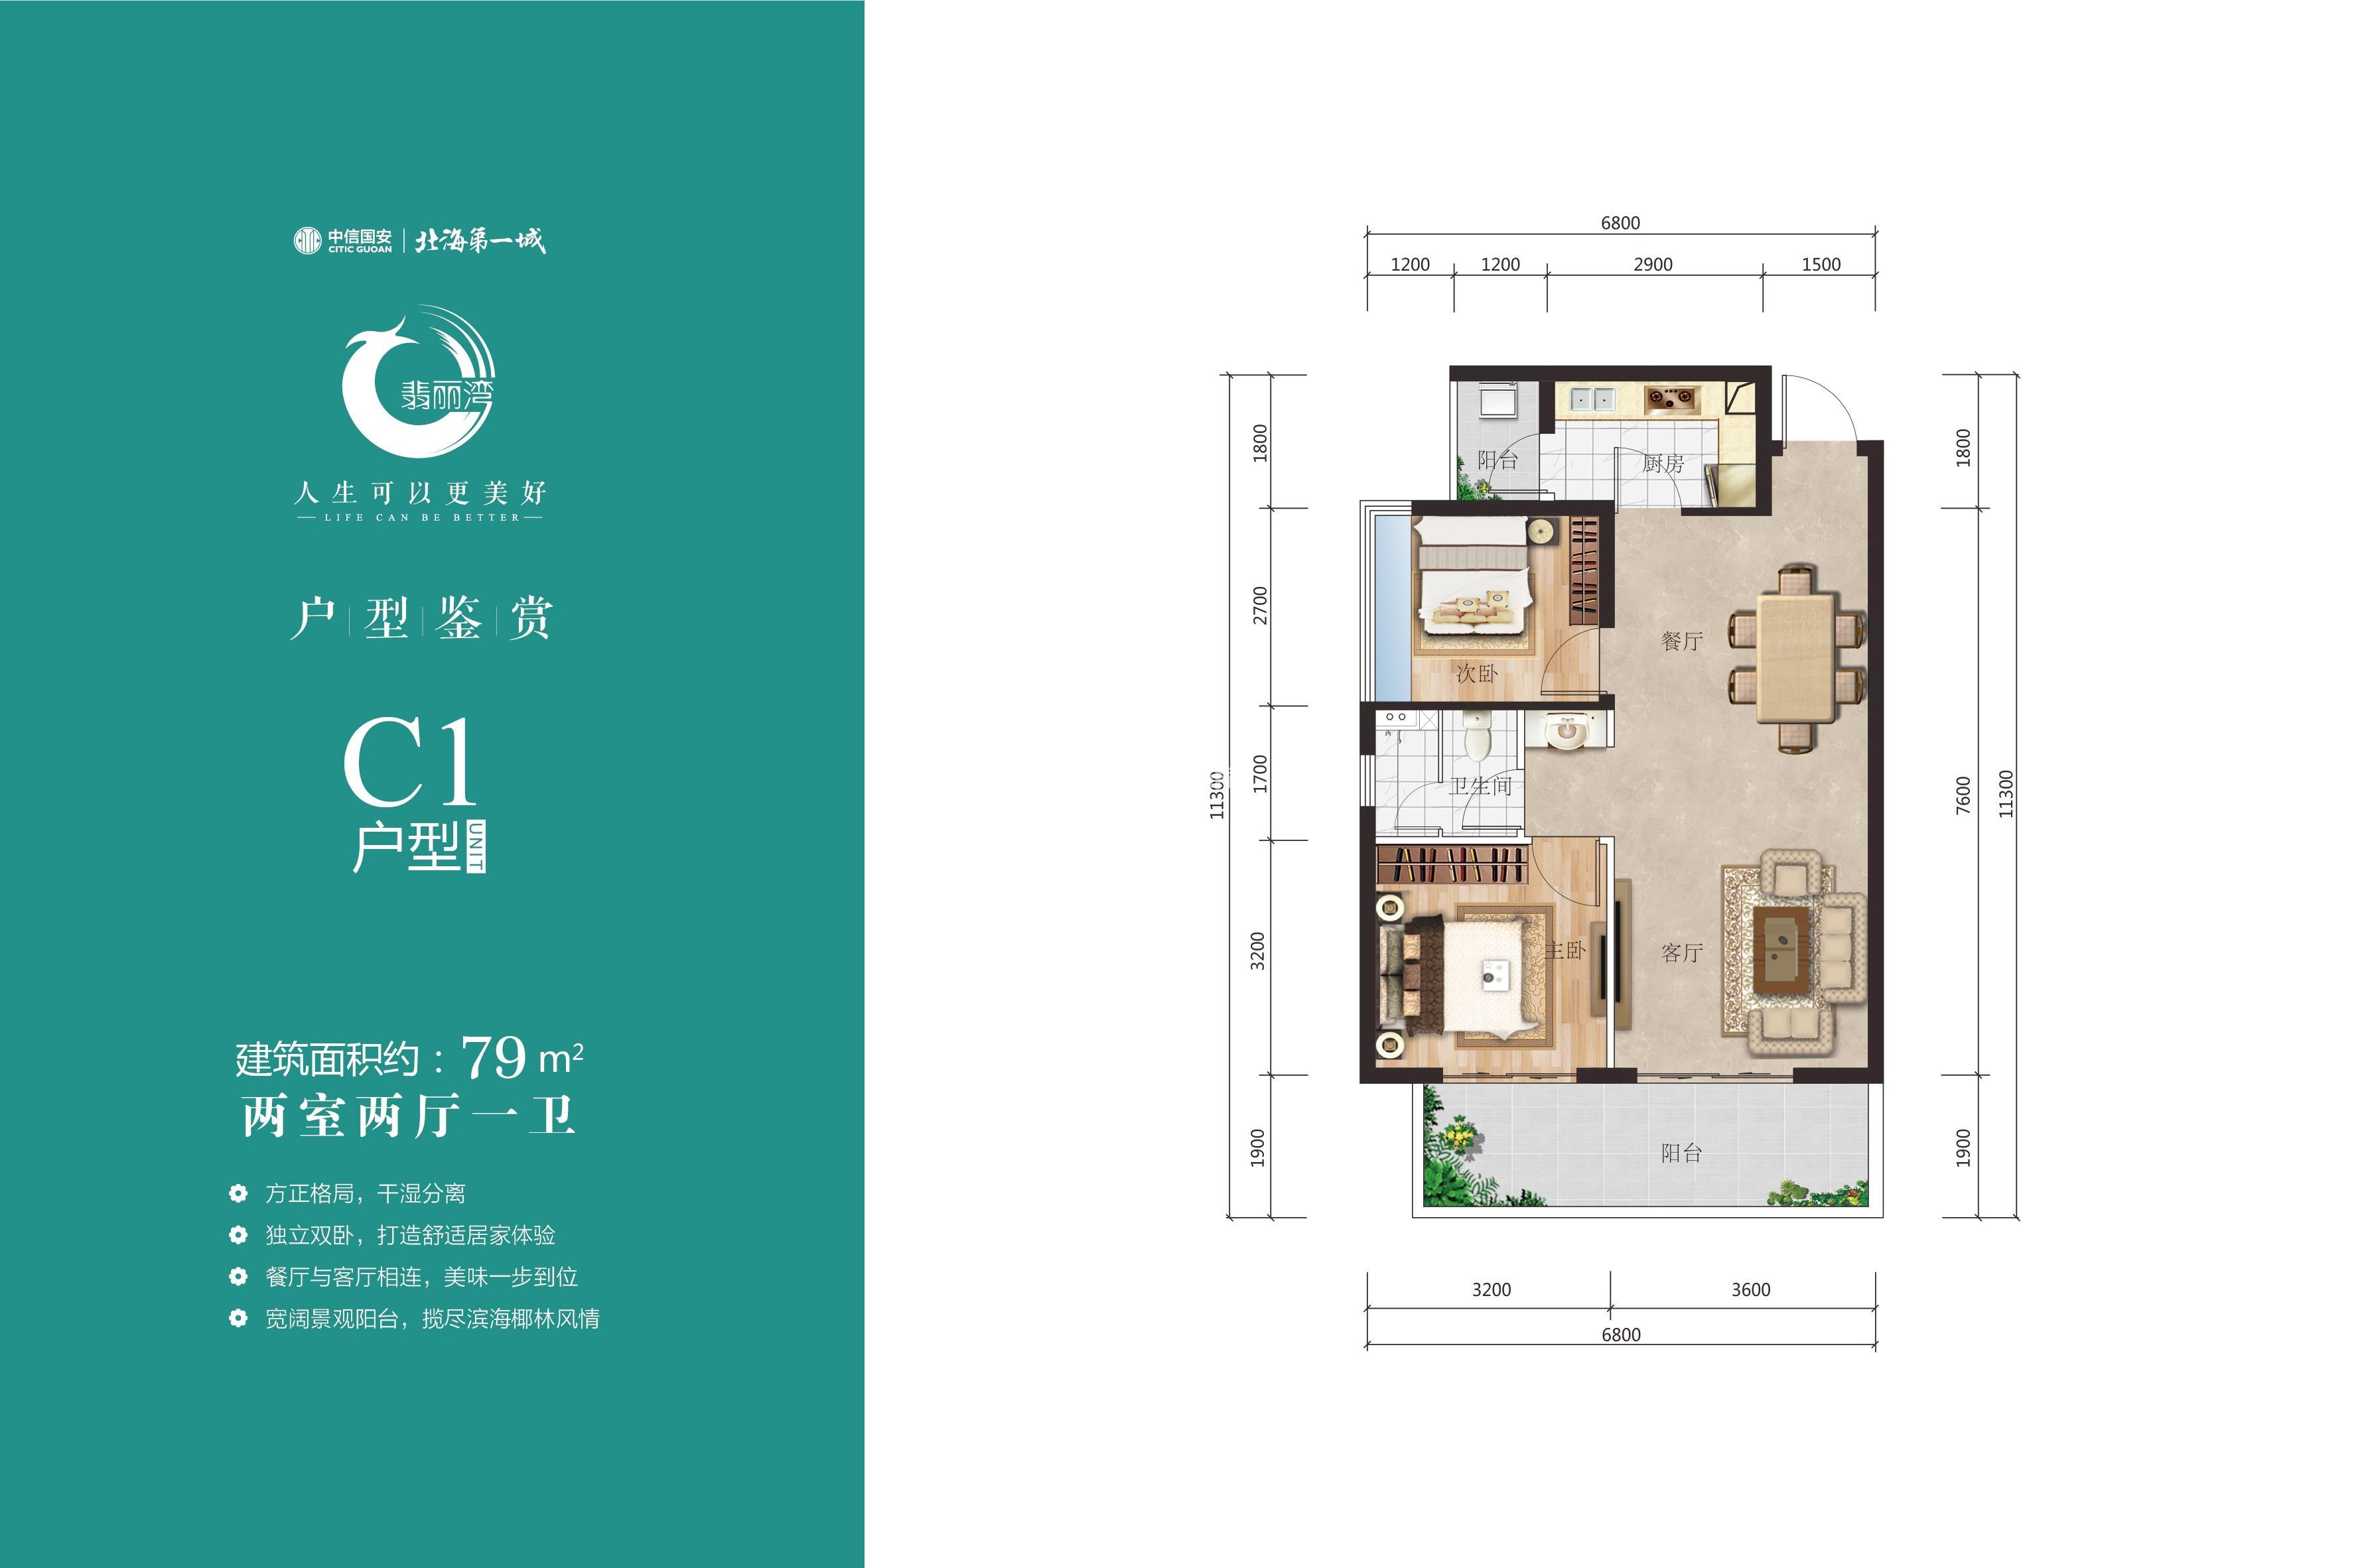 两室两厅一卫户型_C1